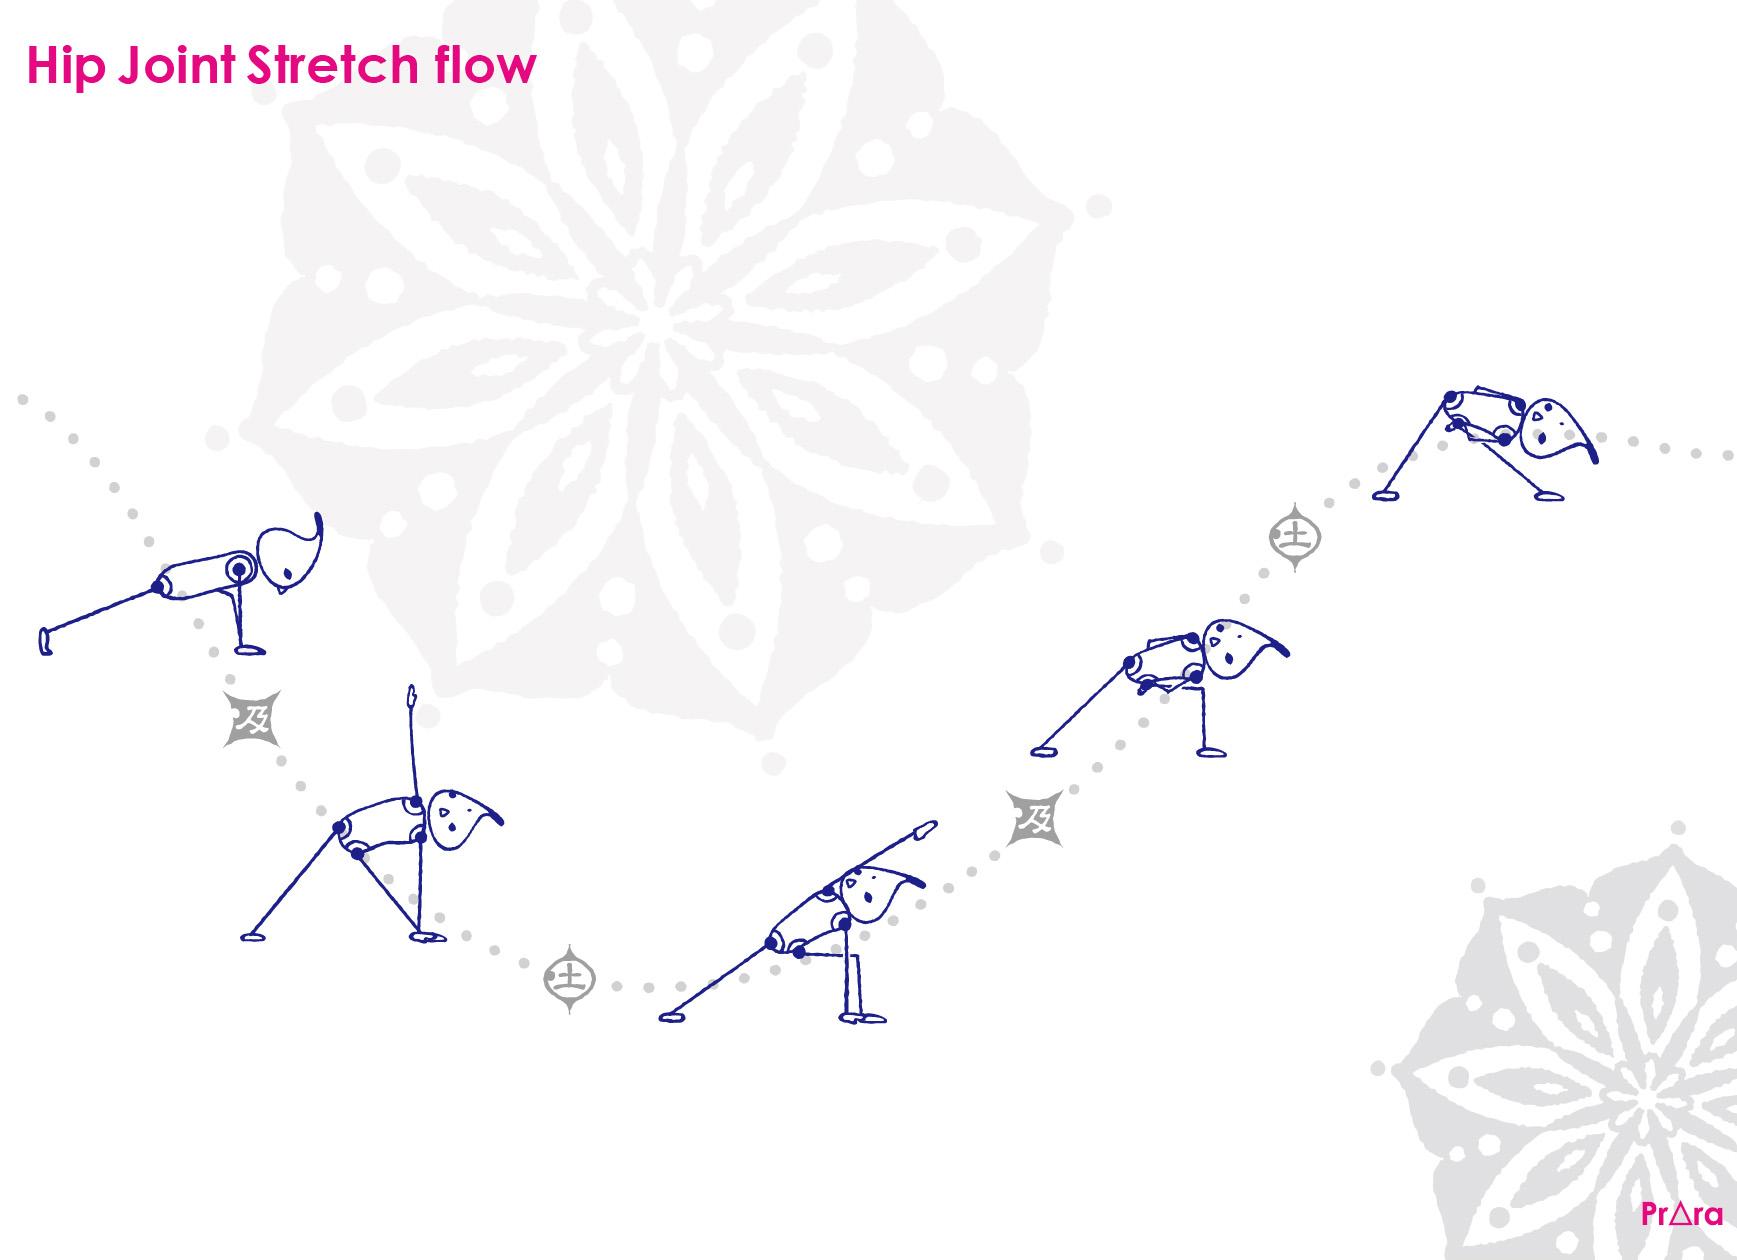 プラーラによる股関節を横に開く動き